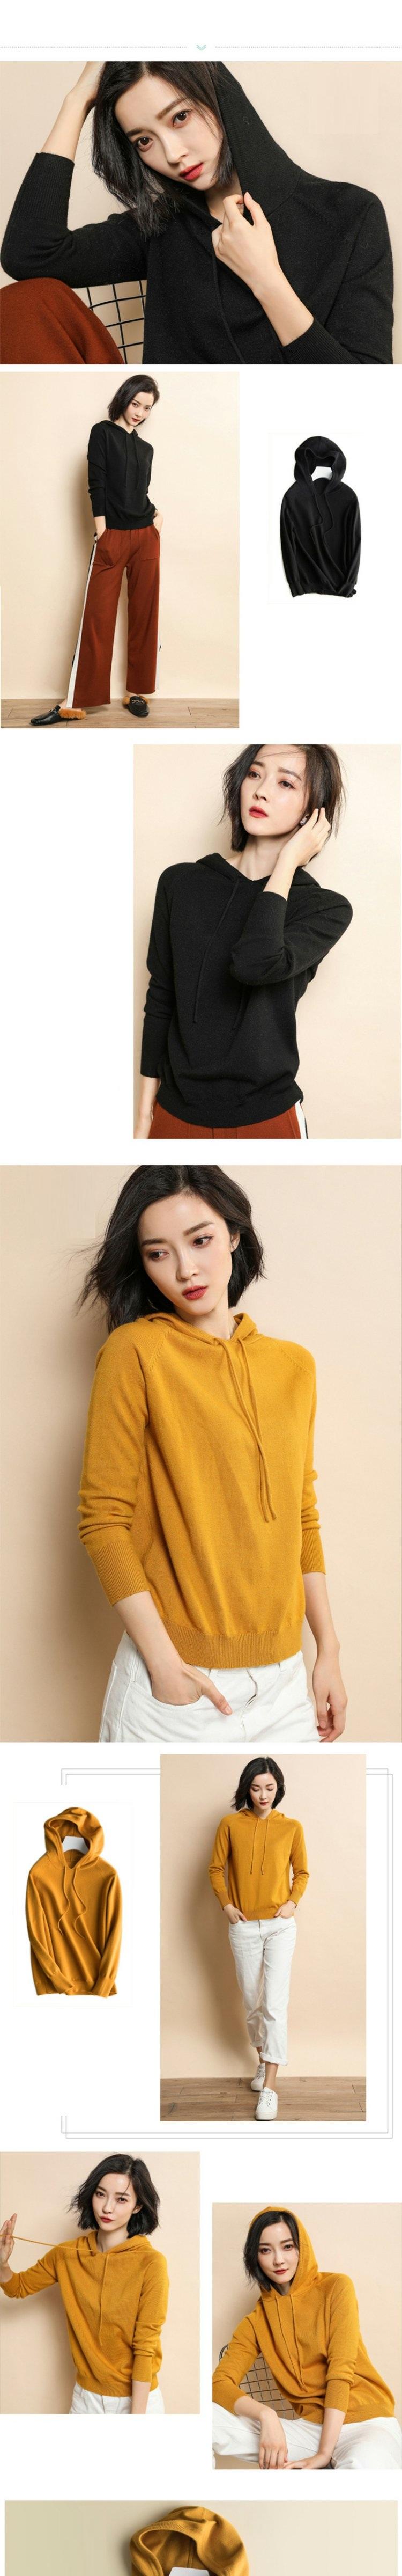 Áo hoodie len nữ LAHstore, chất len mêm mịn ấm áp, thời trang trẻ, phong cách Hàn Quốc 2